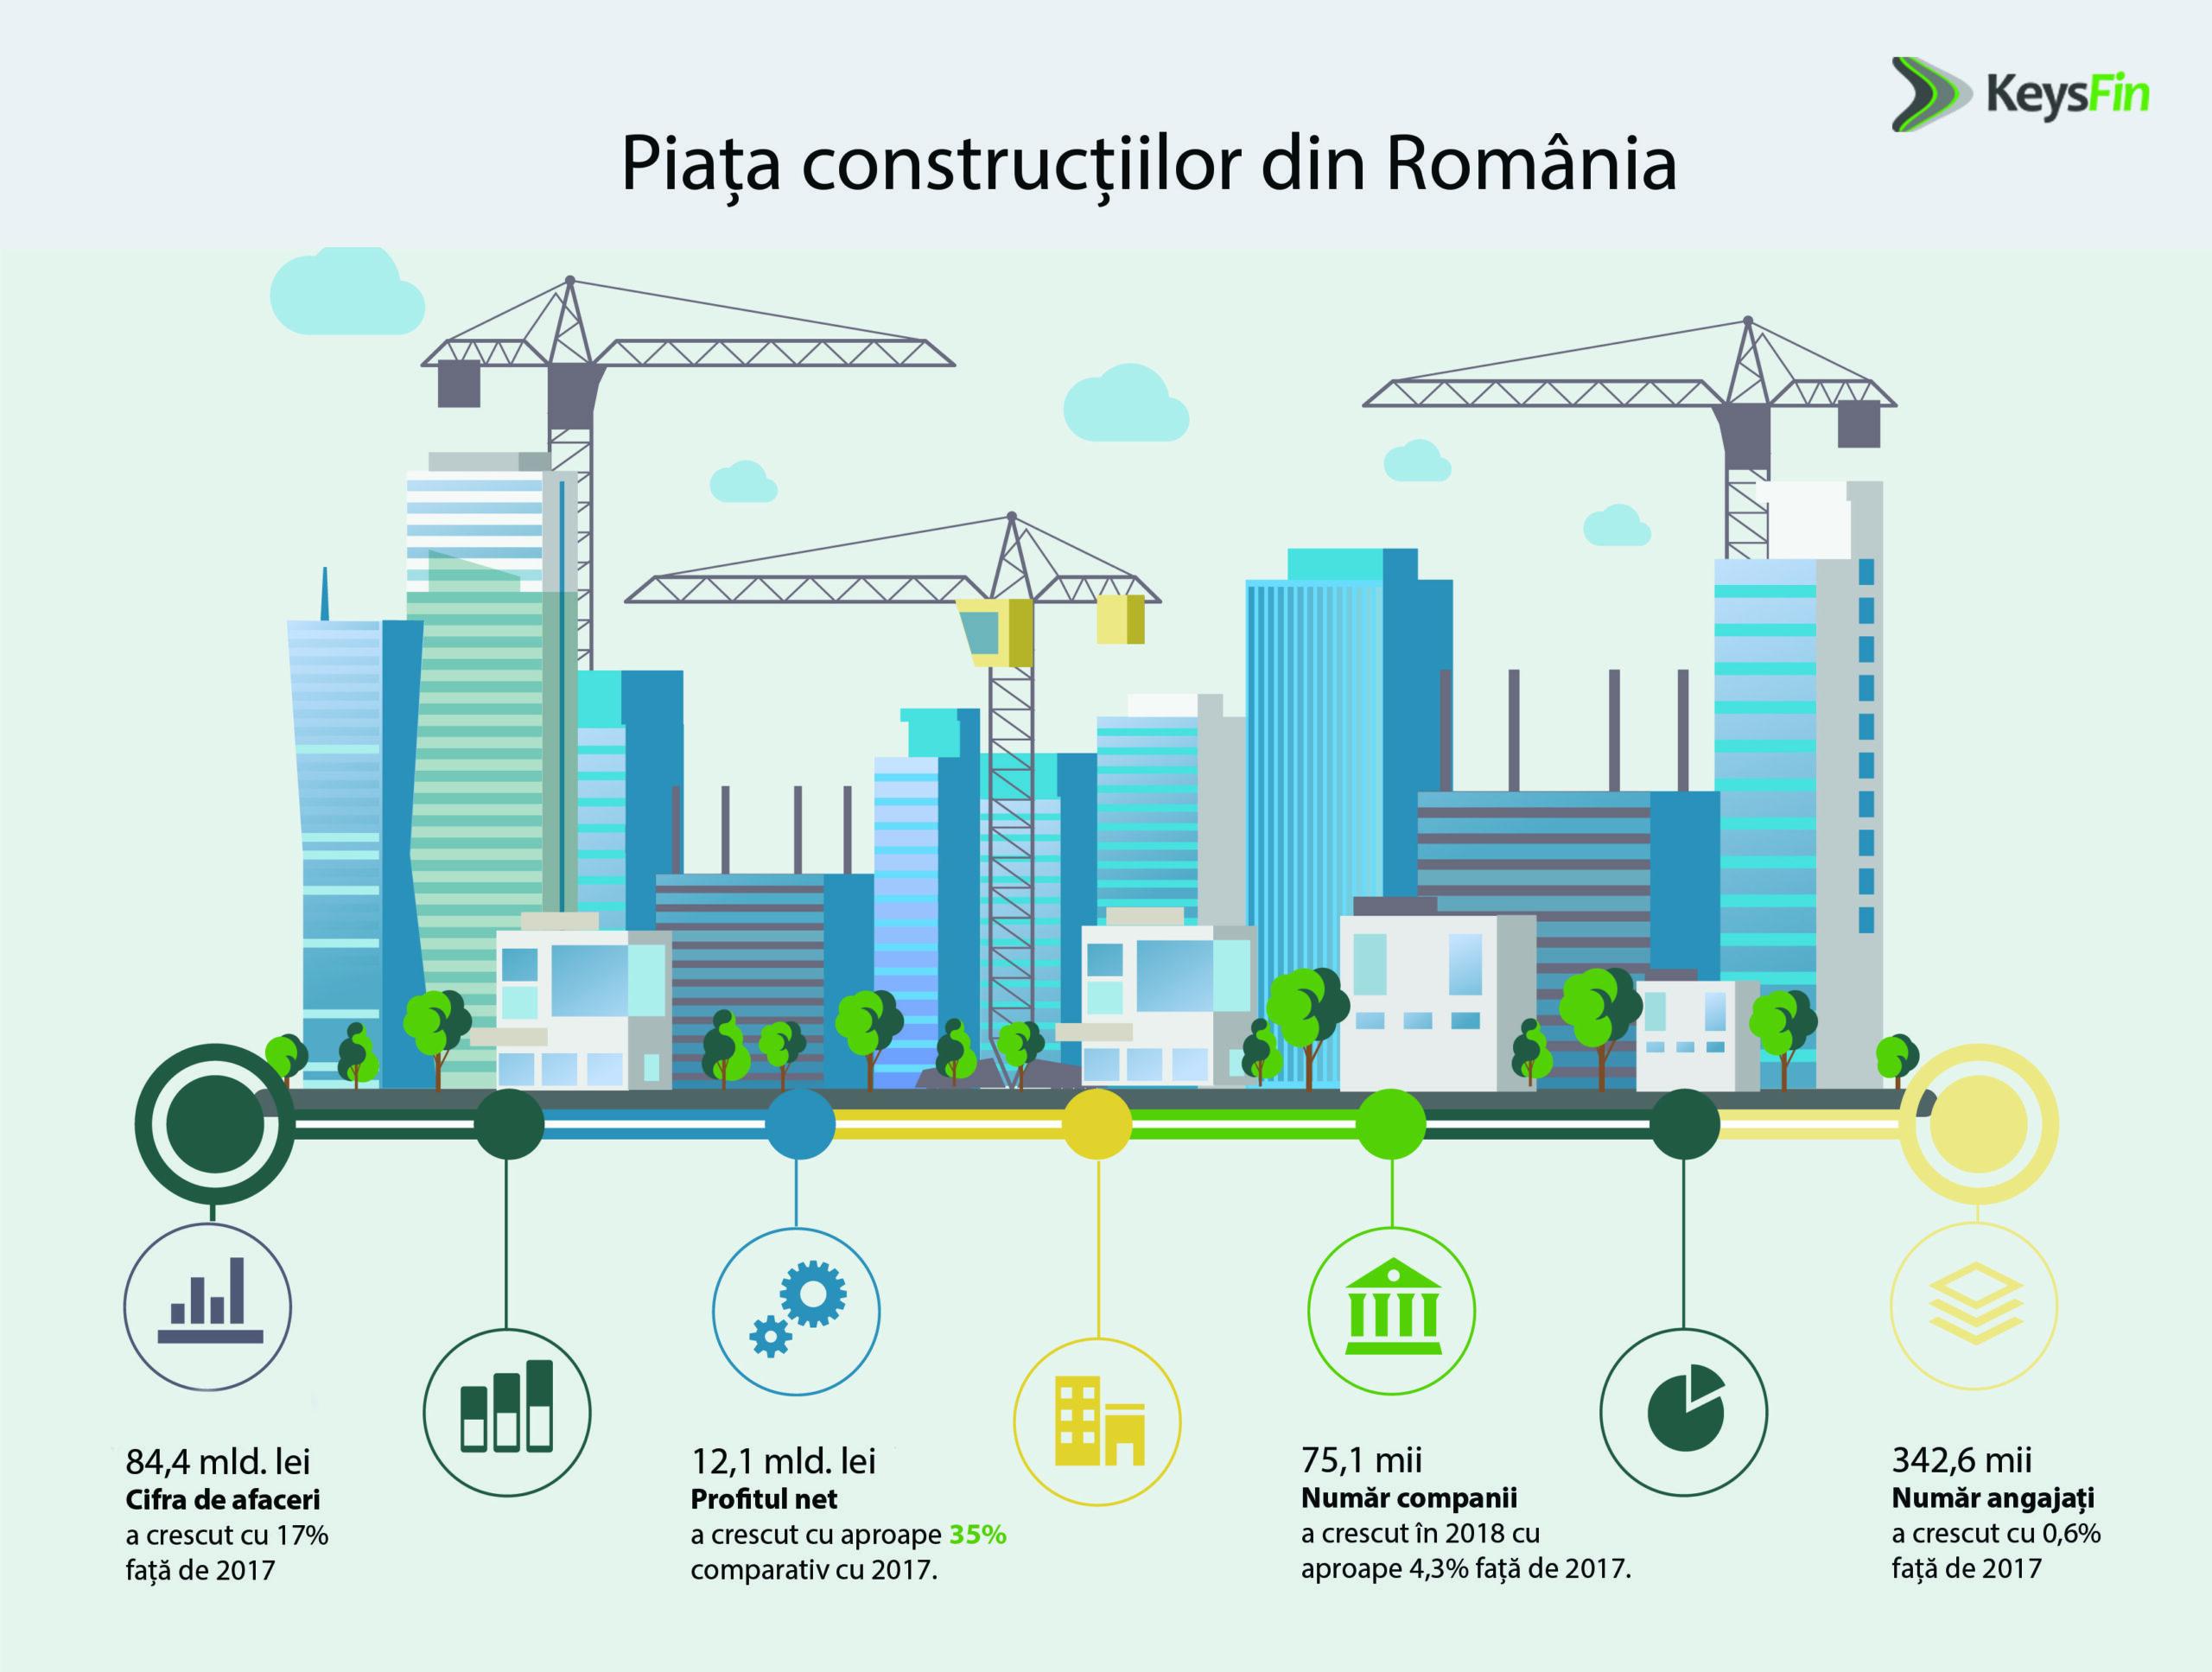 Piaţa de construcţii din România va ajunge la aproximativ 90 de miliarde lei în 2020